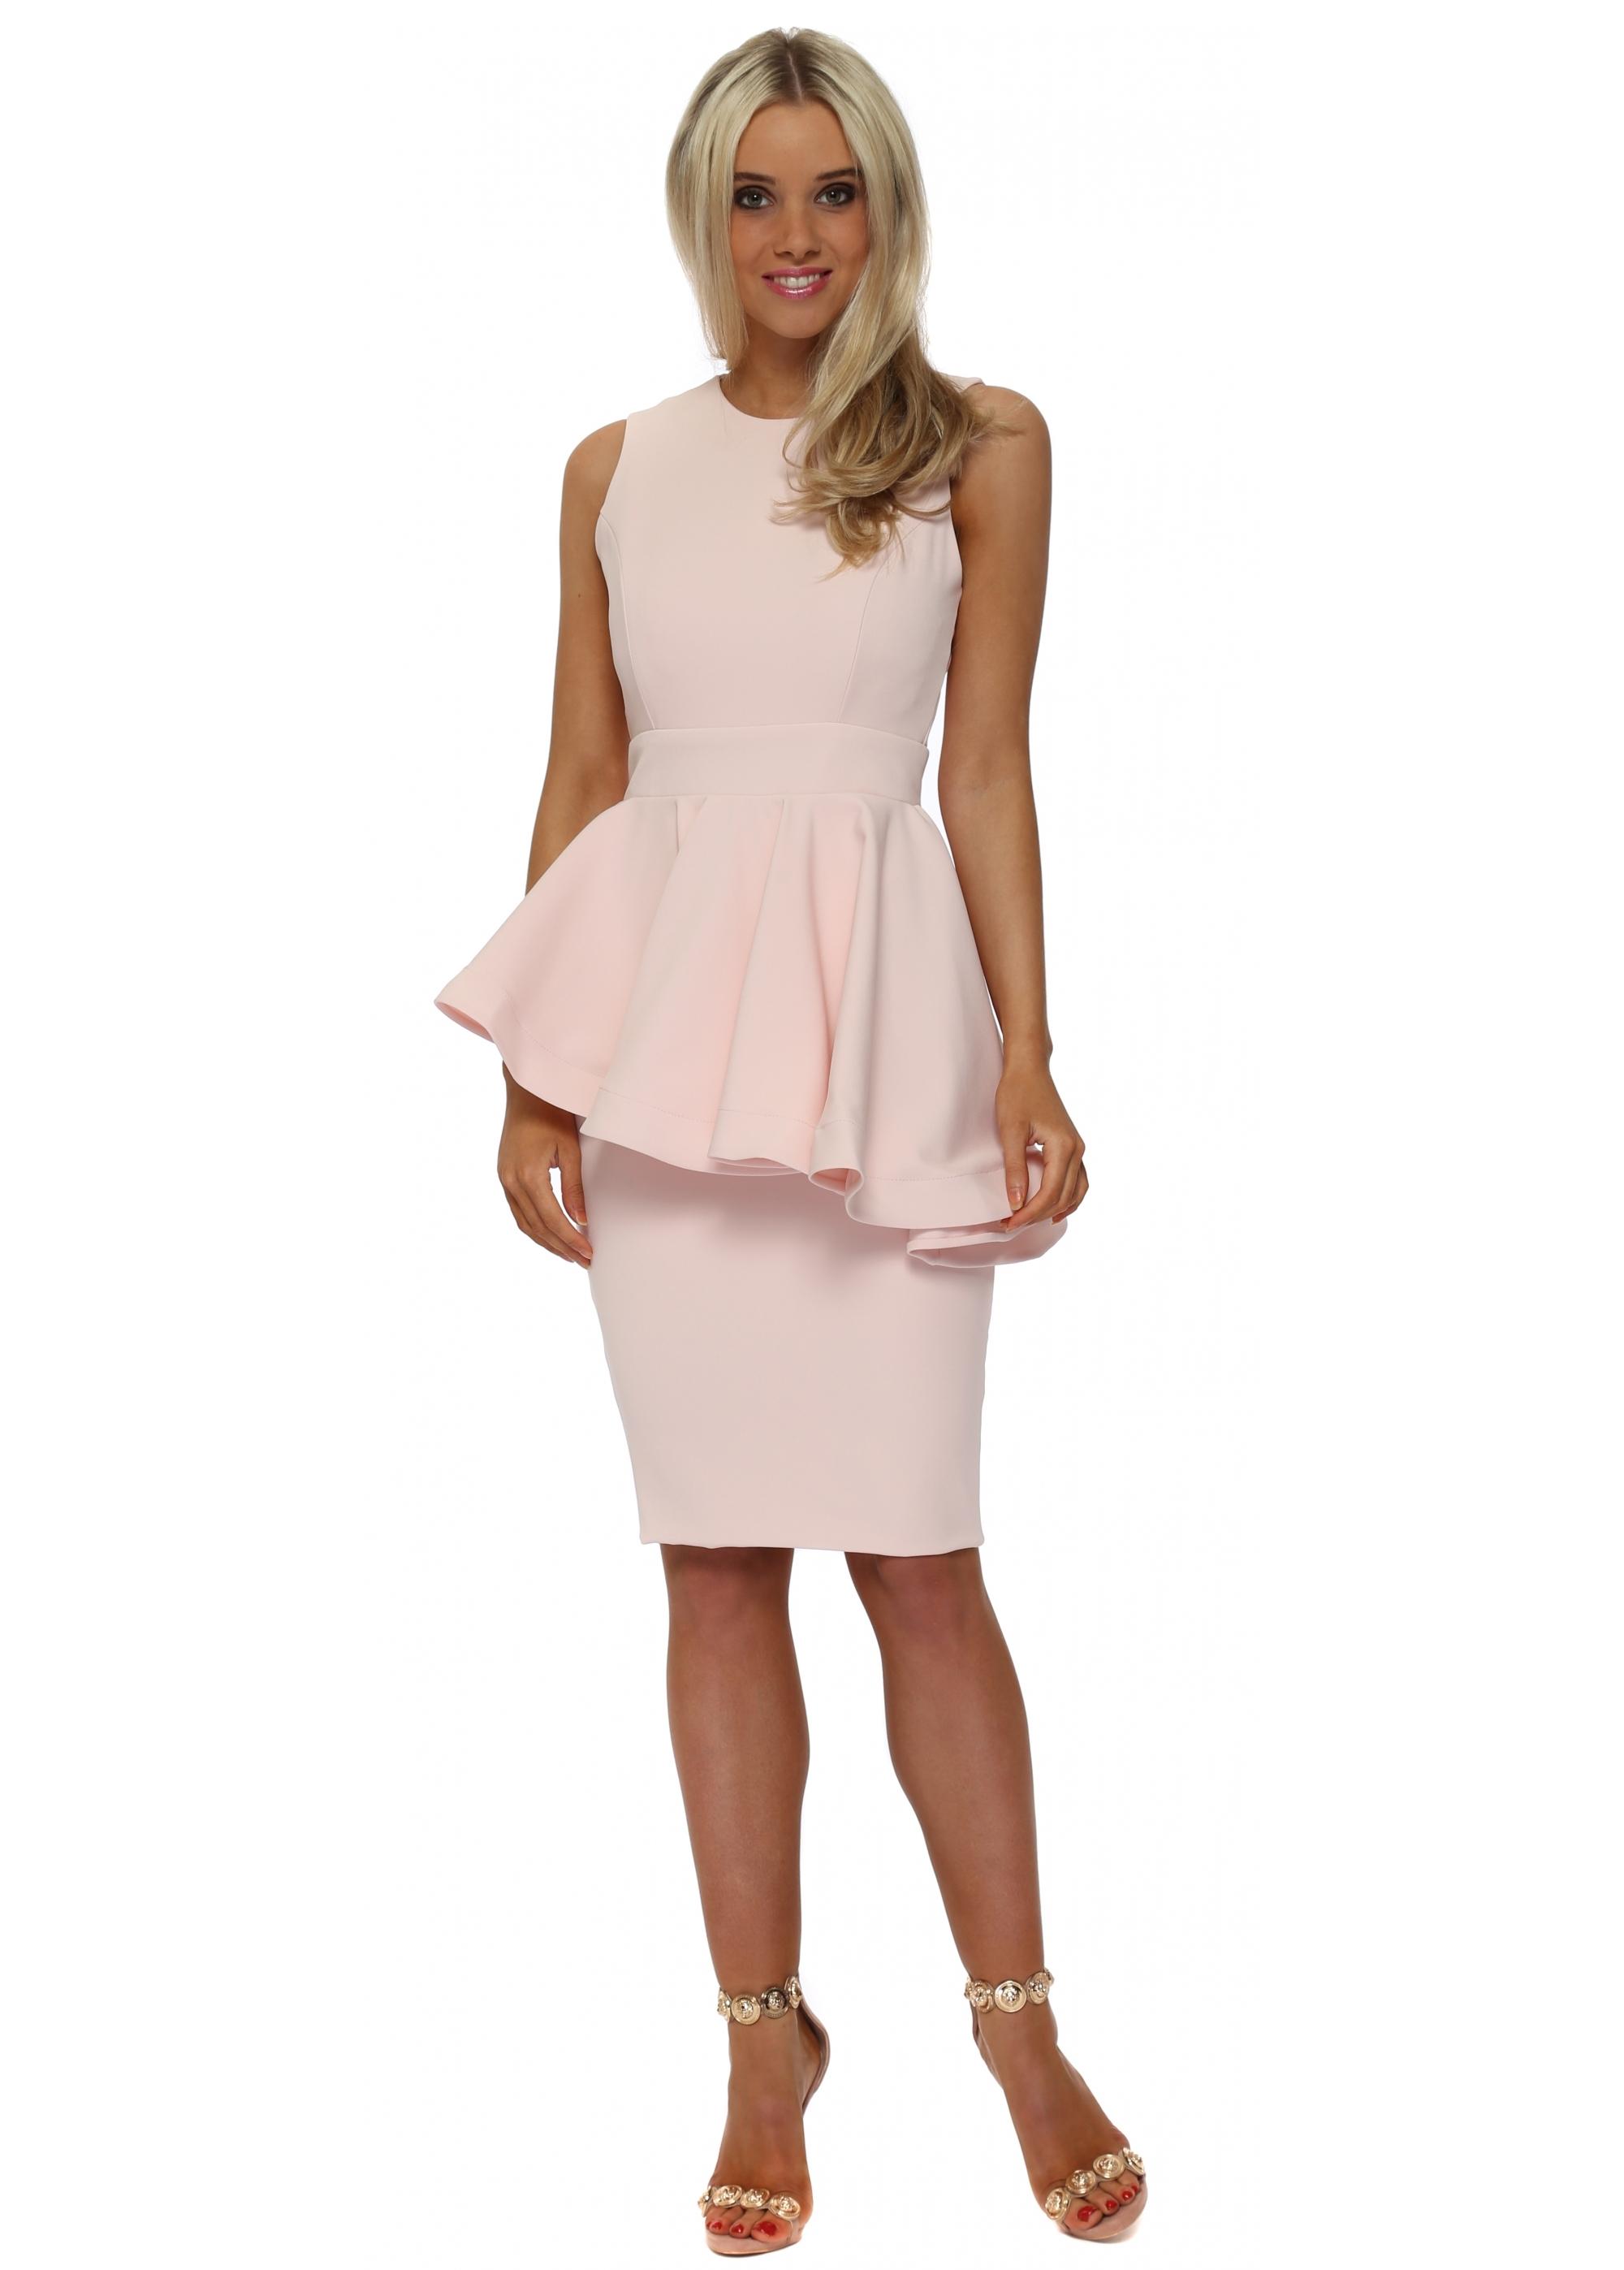 Rebecca Rhoades Juillet Dress Pink Peplum Midi